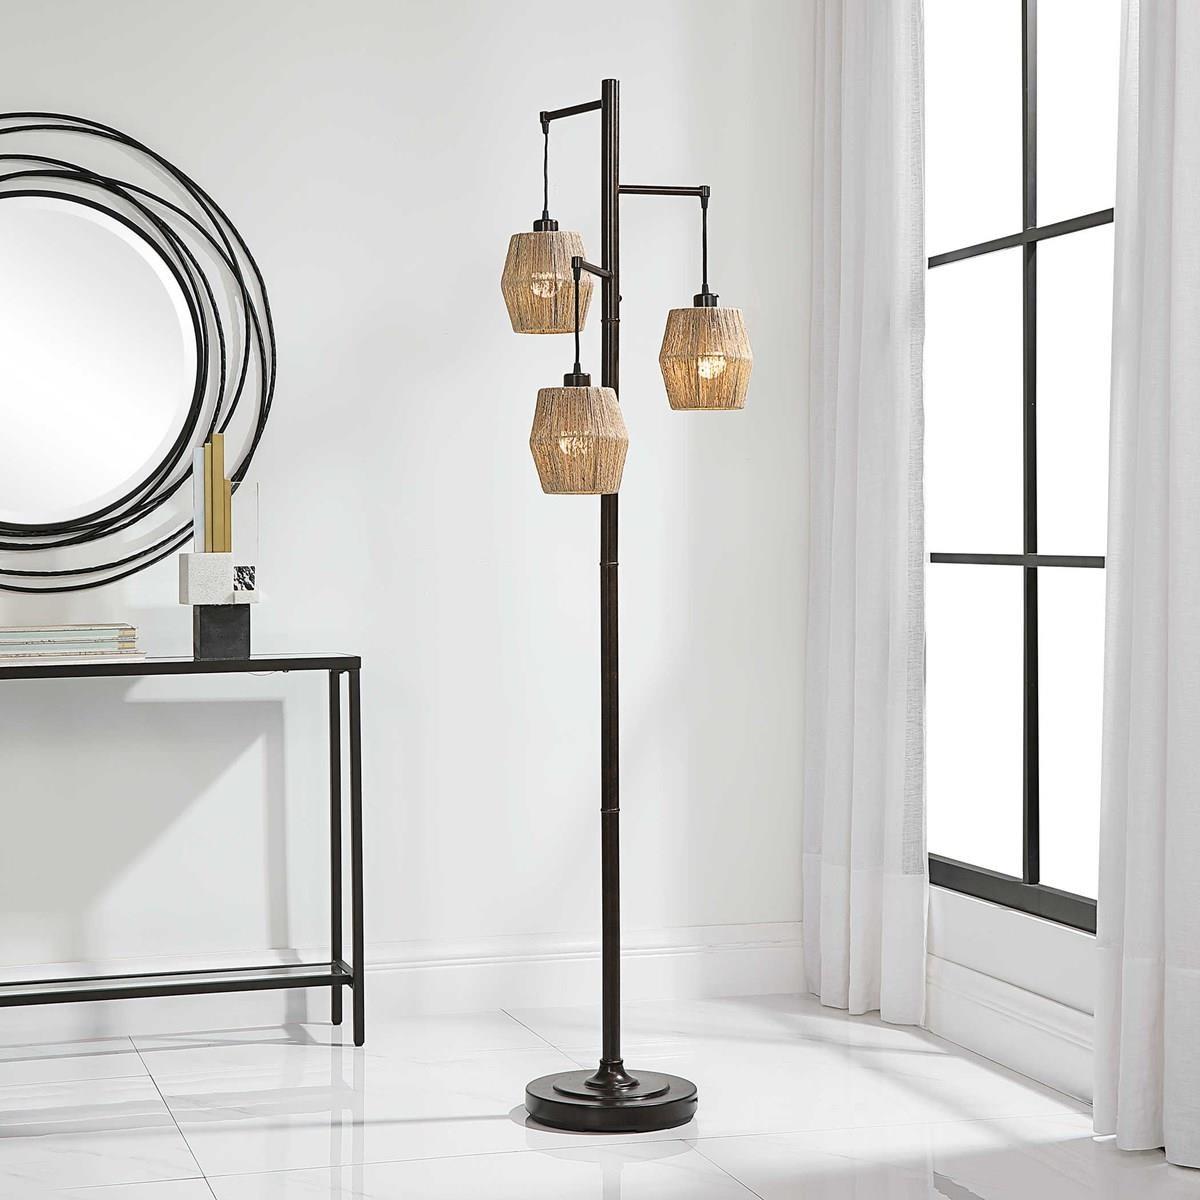 Floor Lamps PRESLEY FLOOR LAMP by Unique at Walker's Furniture